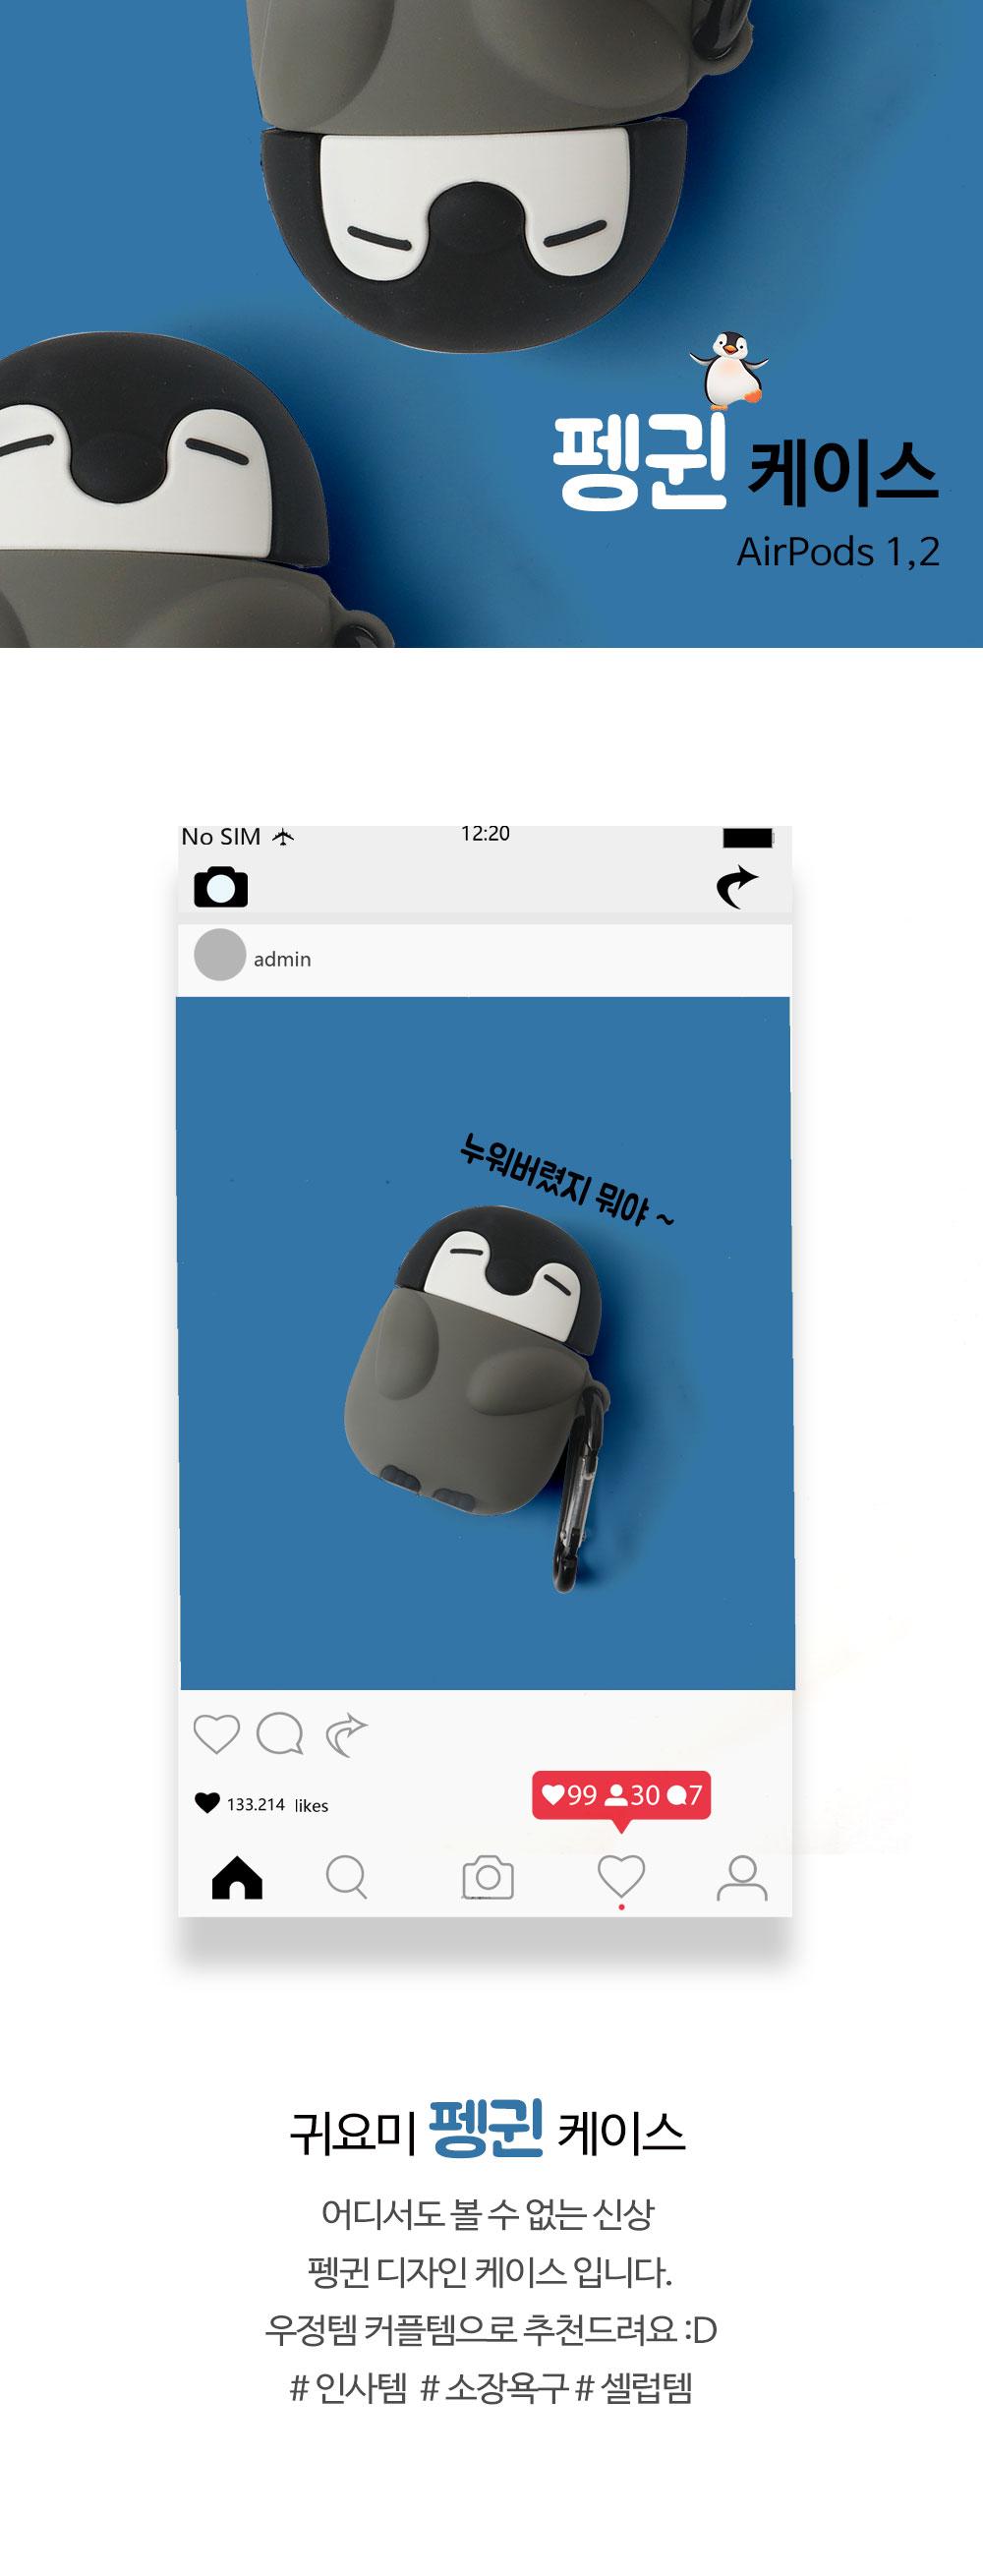 펭귄 실리콘 에어팟 케이스 - 빌도르, 9,900원, 이어폰, 이어폰 악세서리